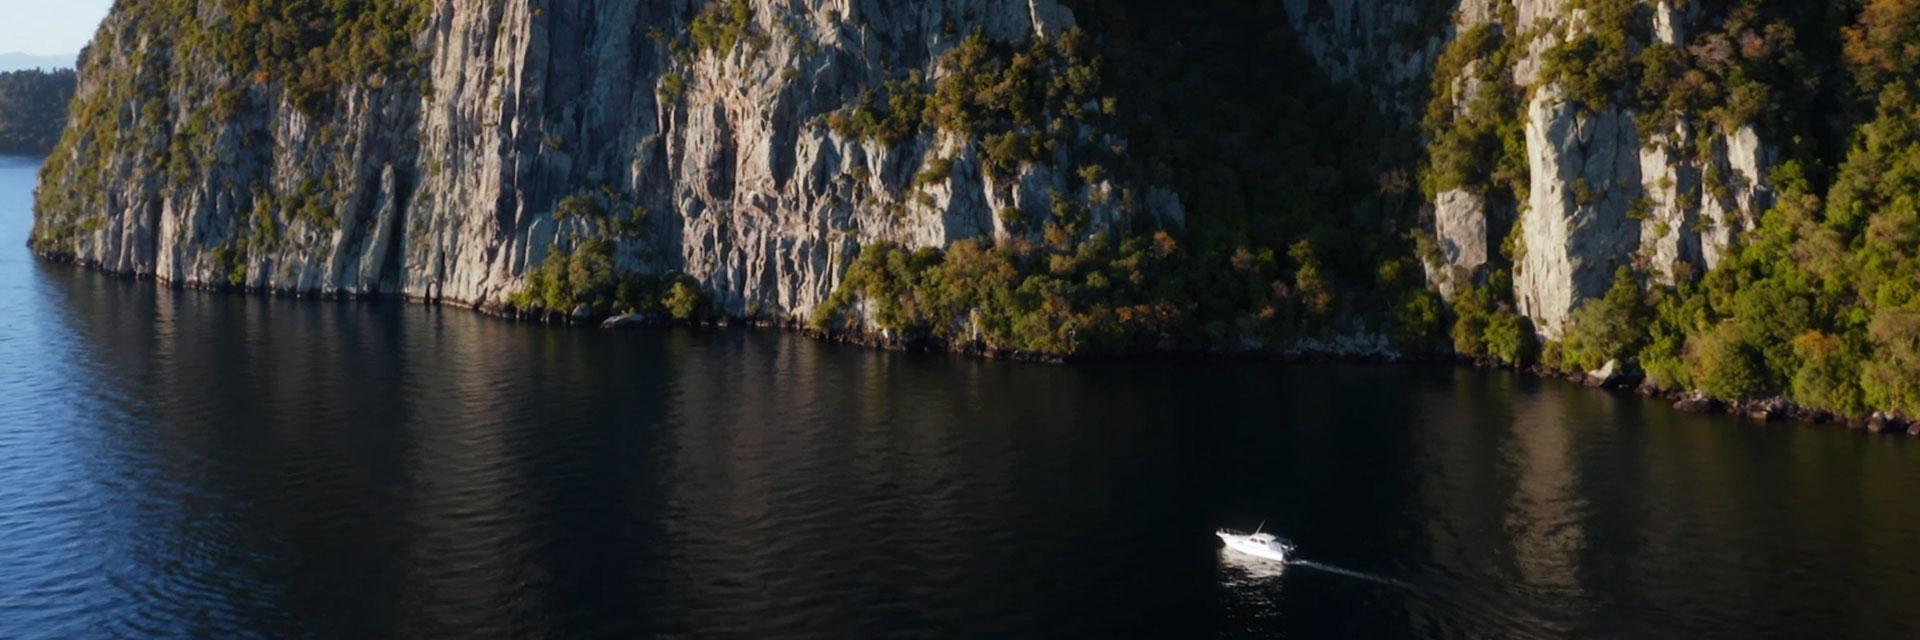 Western Bays - Lake Taupo